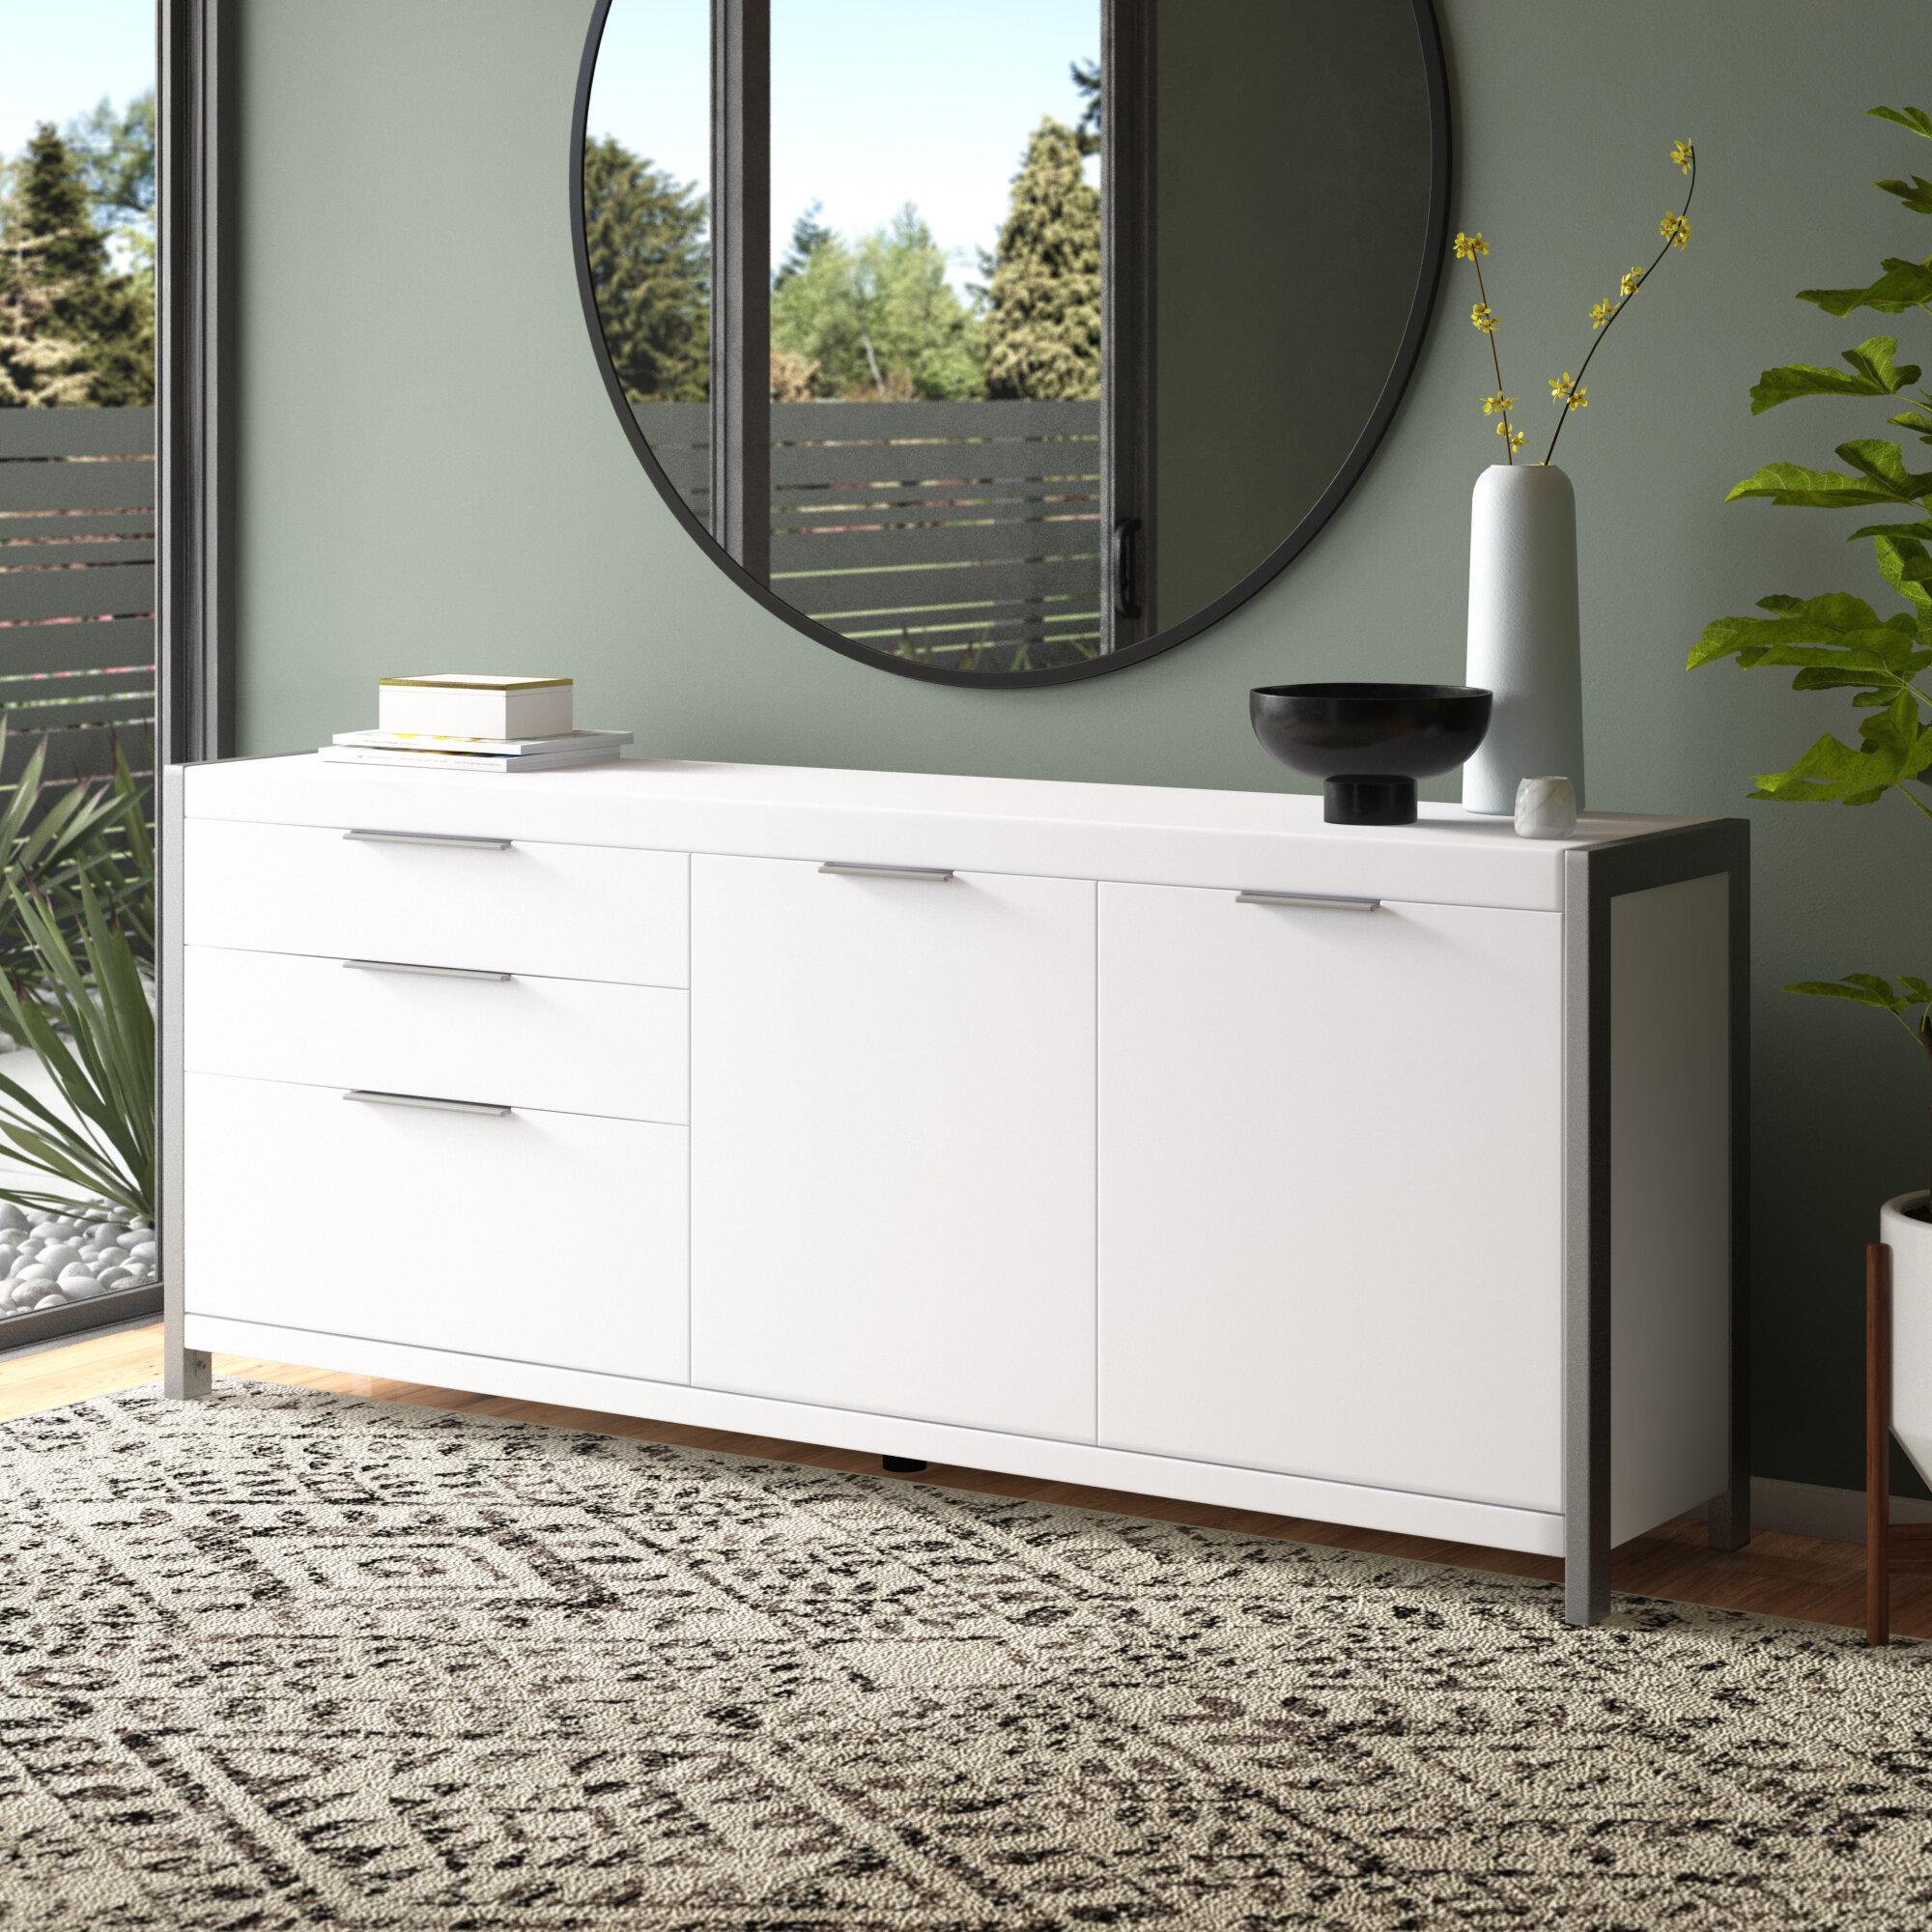 Allmodern Ewan 74 8 Wide 3 Drawer Sideboard Reviews Wayfair